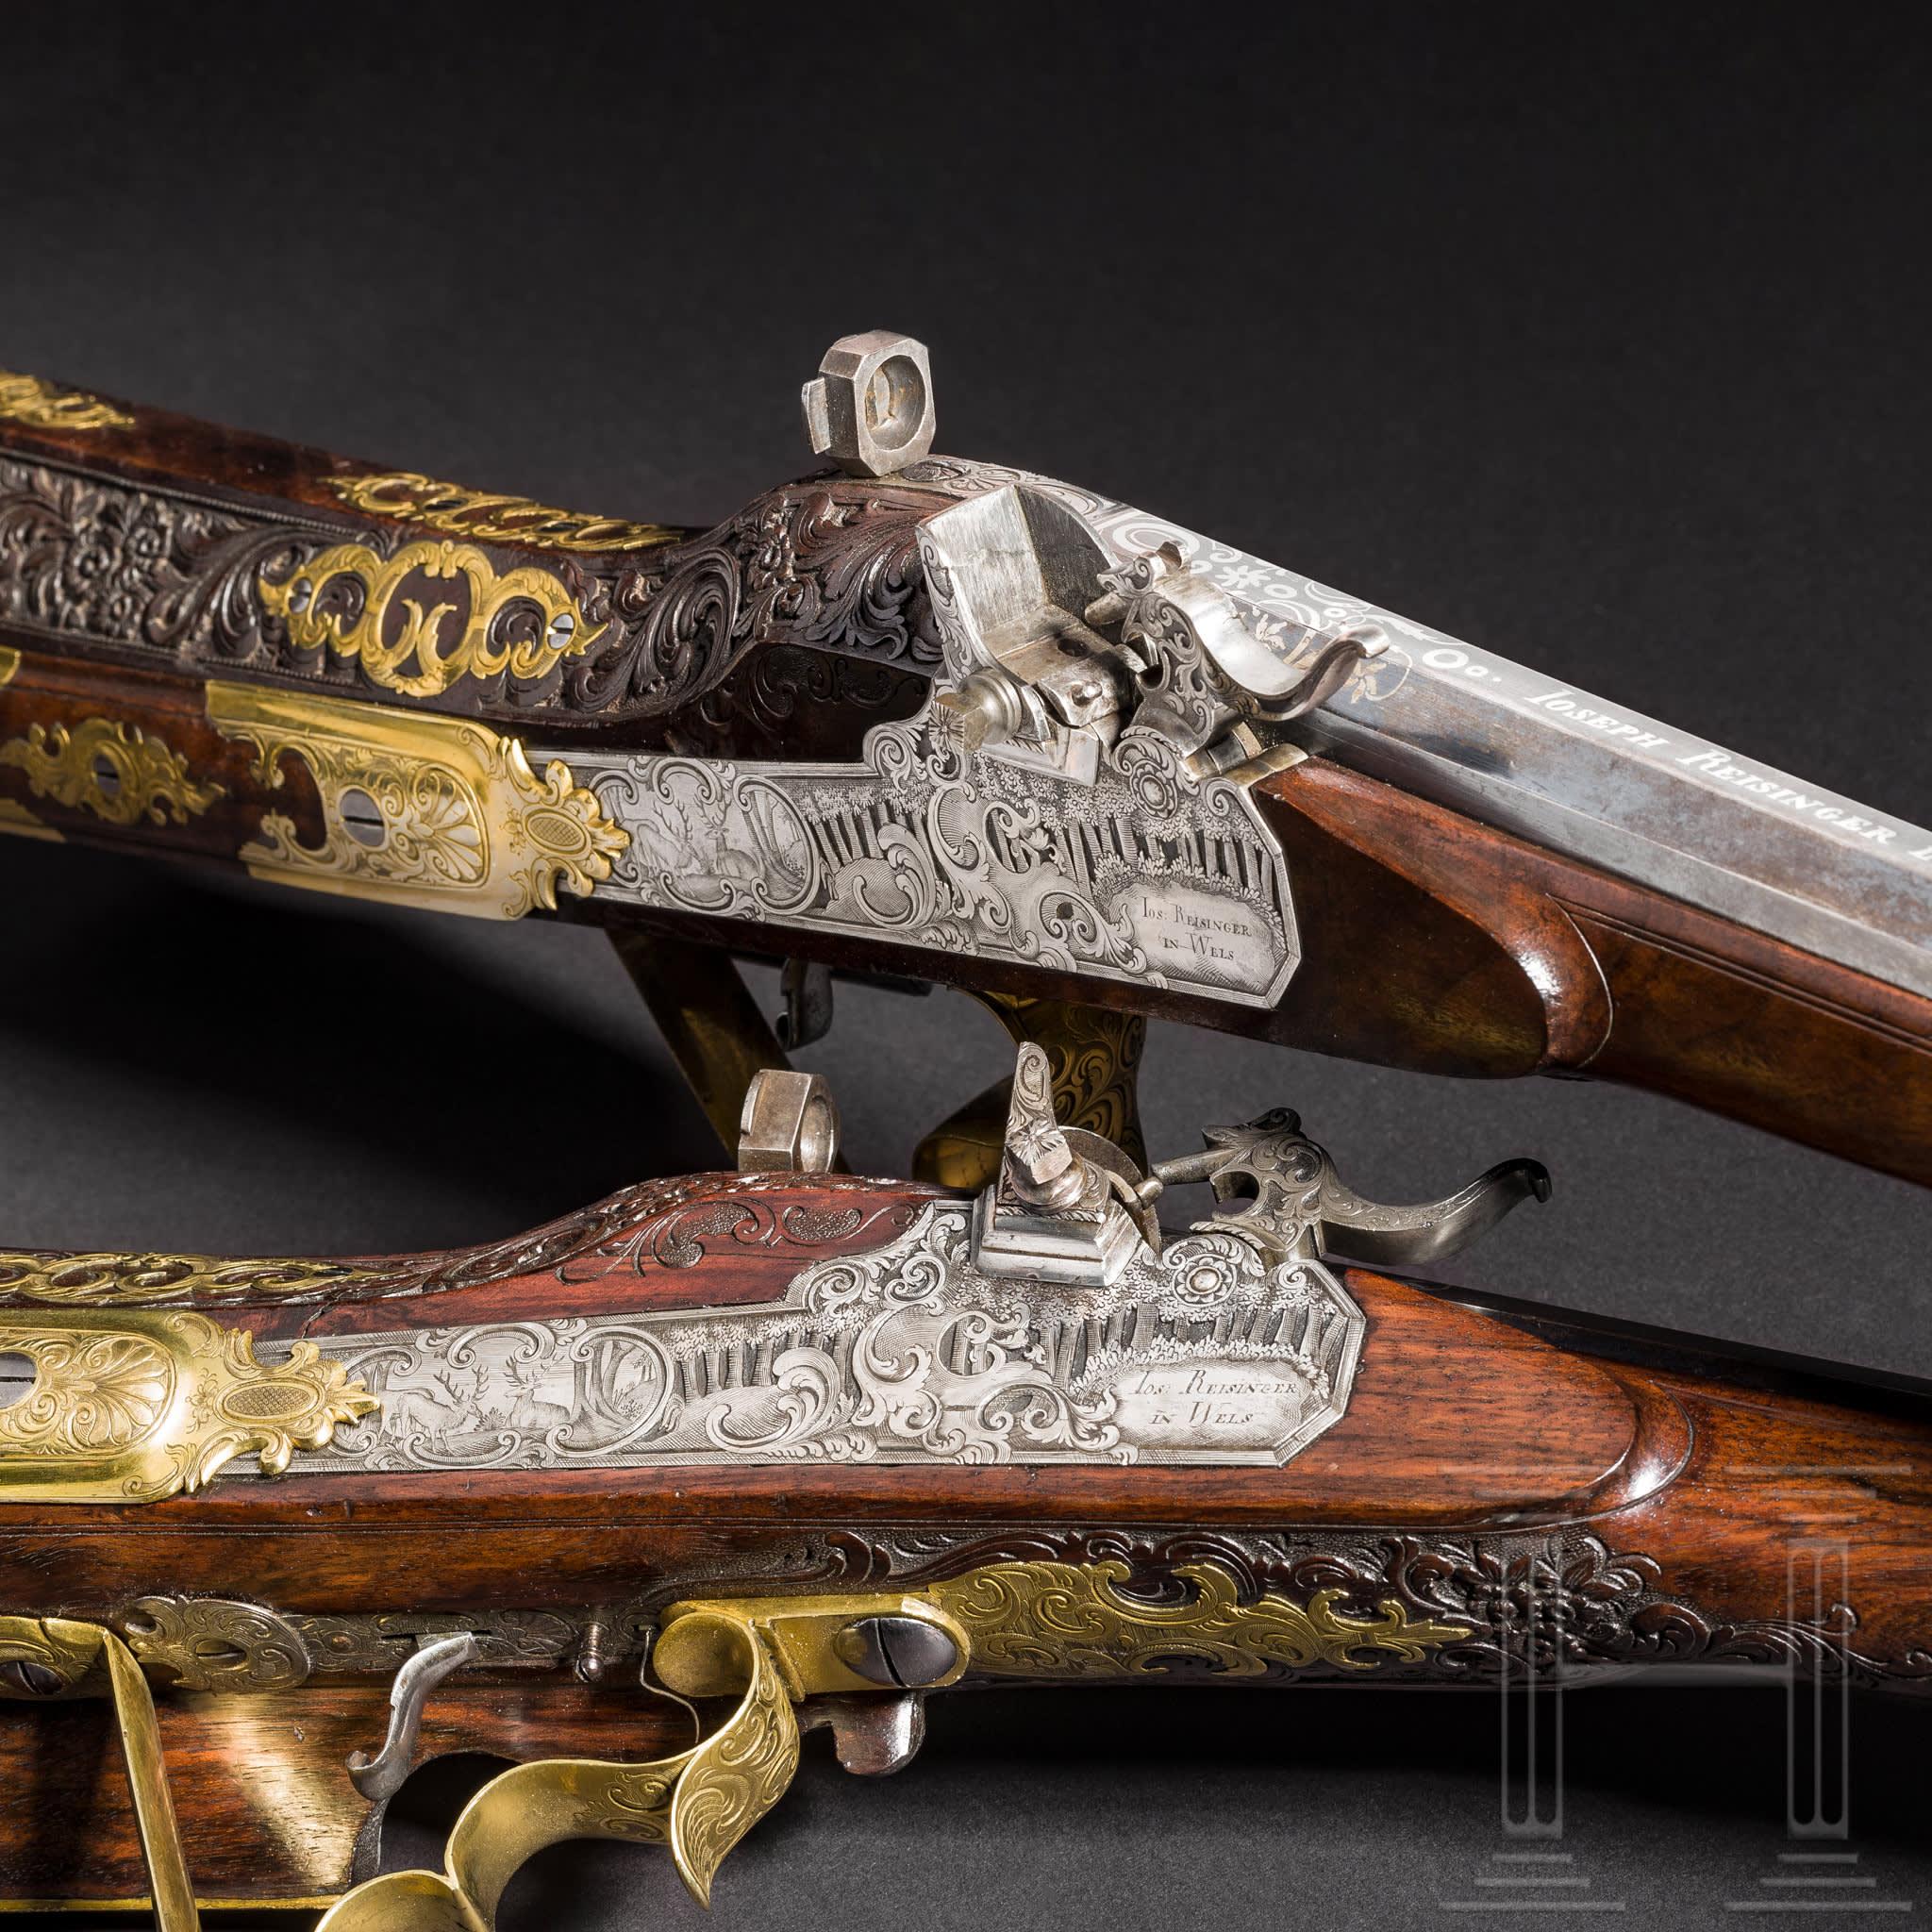 Paire de fusils de luxe, Joseph Reisinger, Wels, vers 1820, image © Hermann Historica